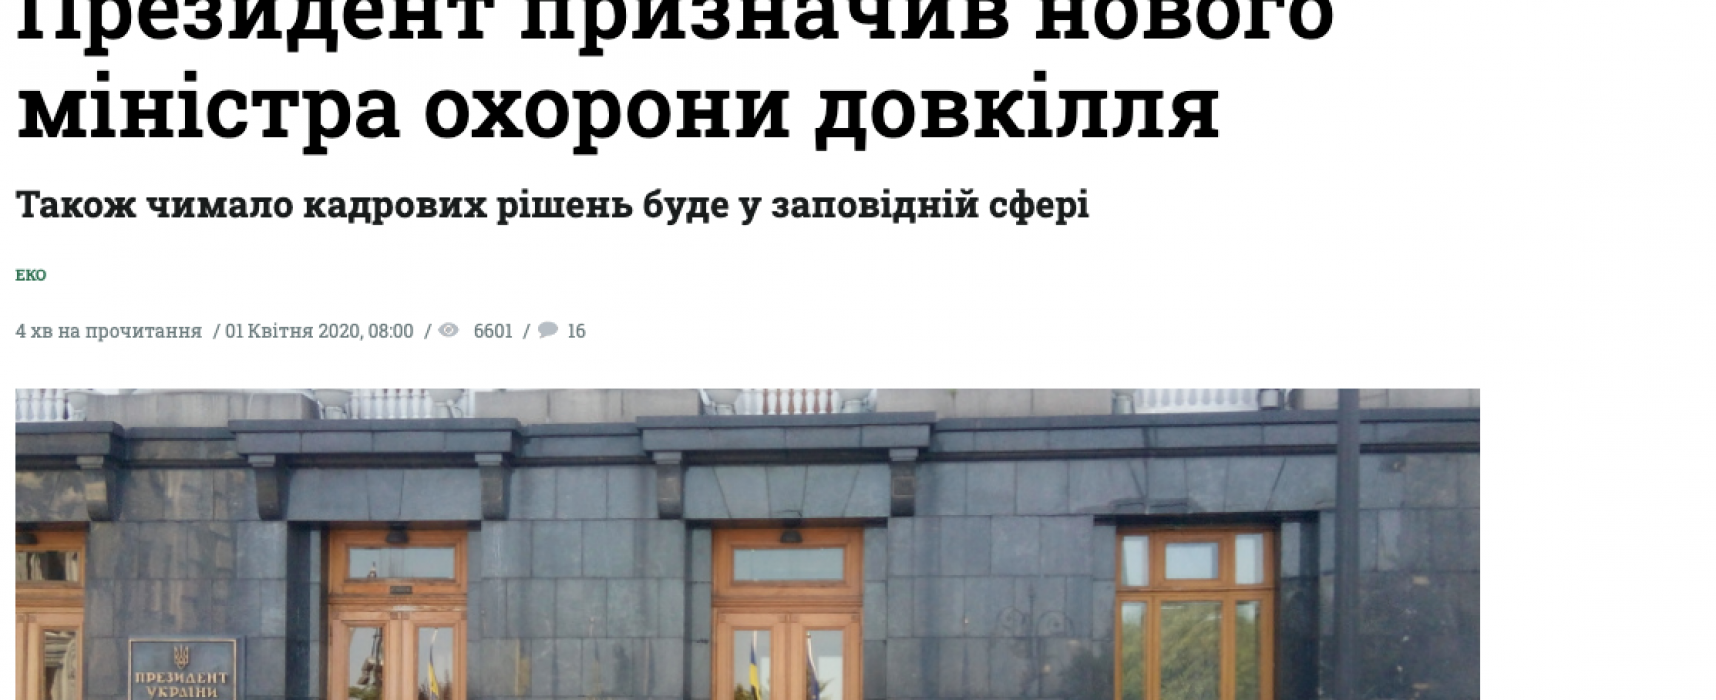 Фейк: В Україні реорганізували Міністерство енергетики та захисту довкілля